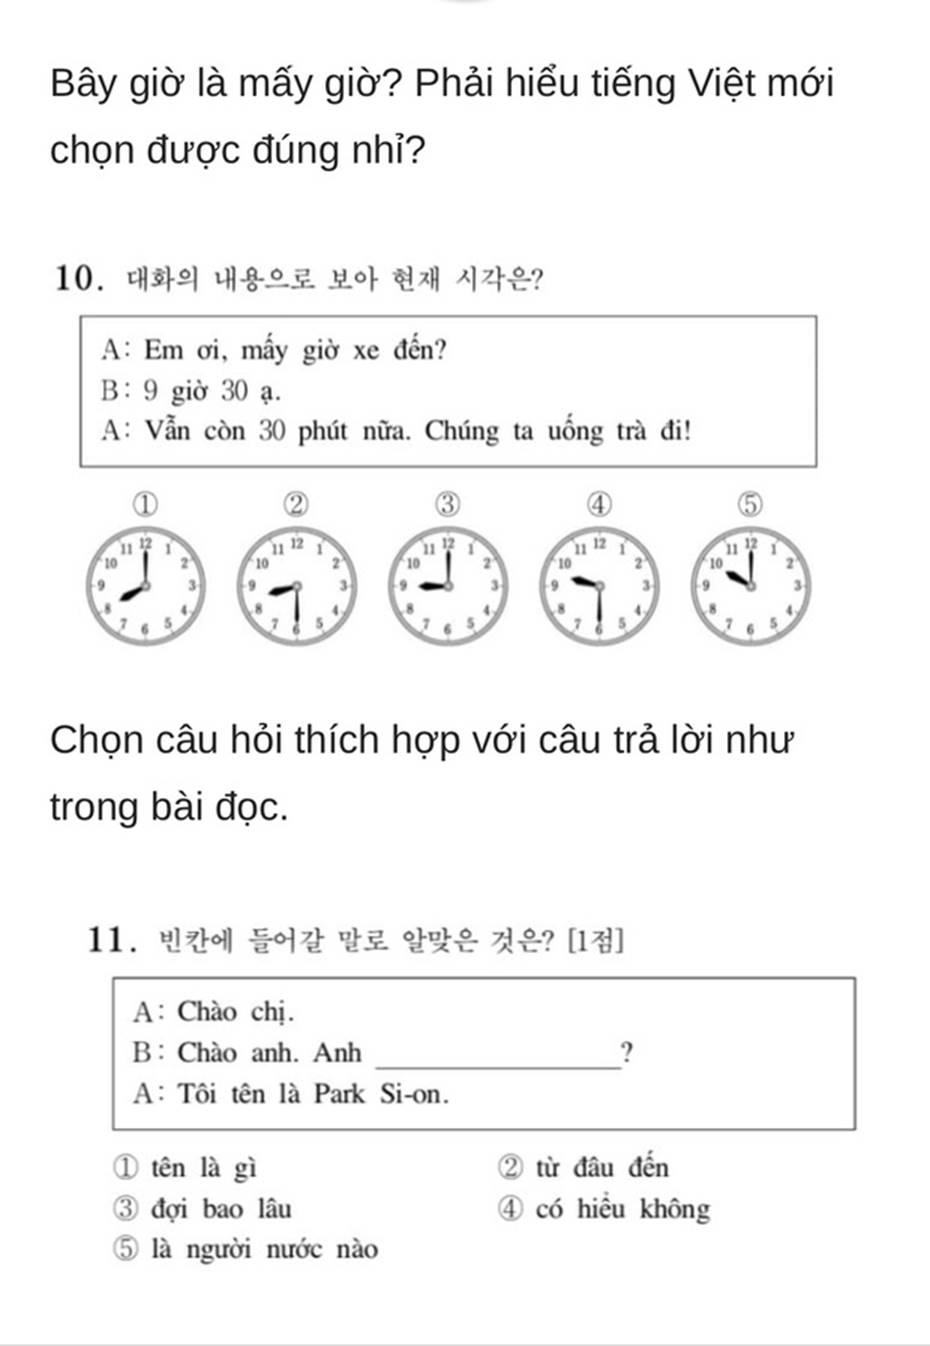 Bạn biết không, thi Đại học ở Hàn Quốc có môn Tiếng Việt và đây là đề thi siêu khó của năm nay-4